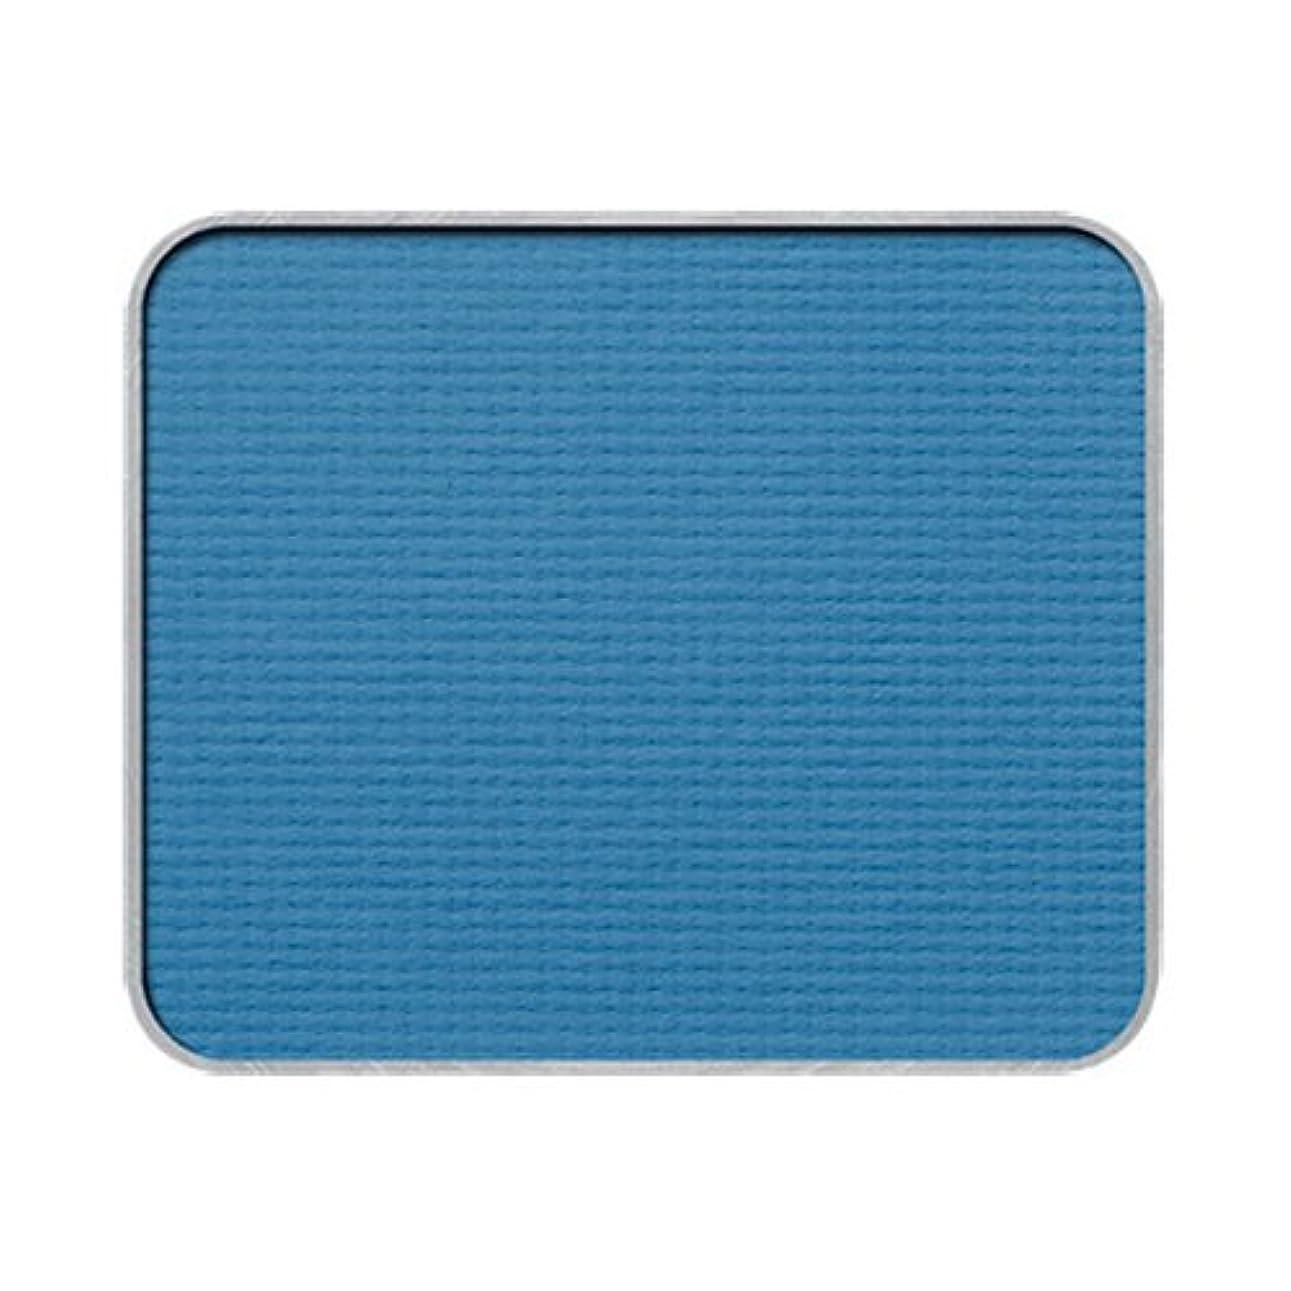 プレスド アイシャドー (レフィル) M ブルー 660